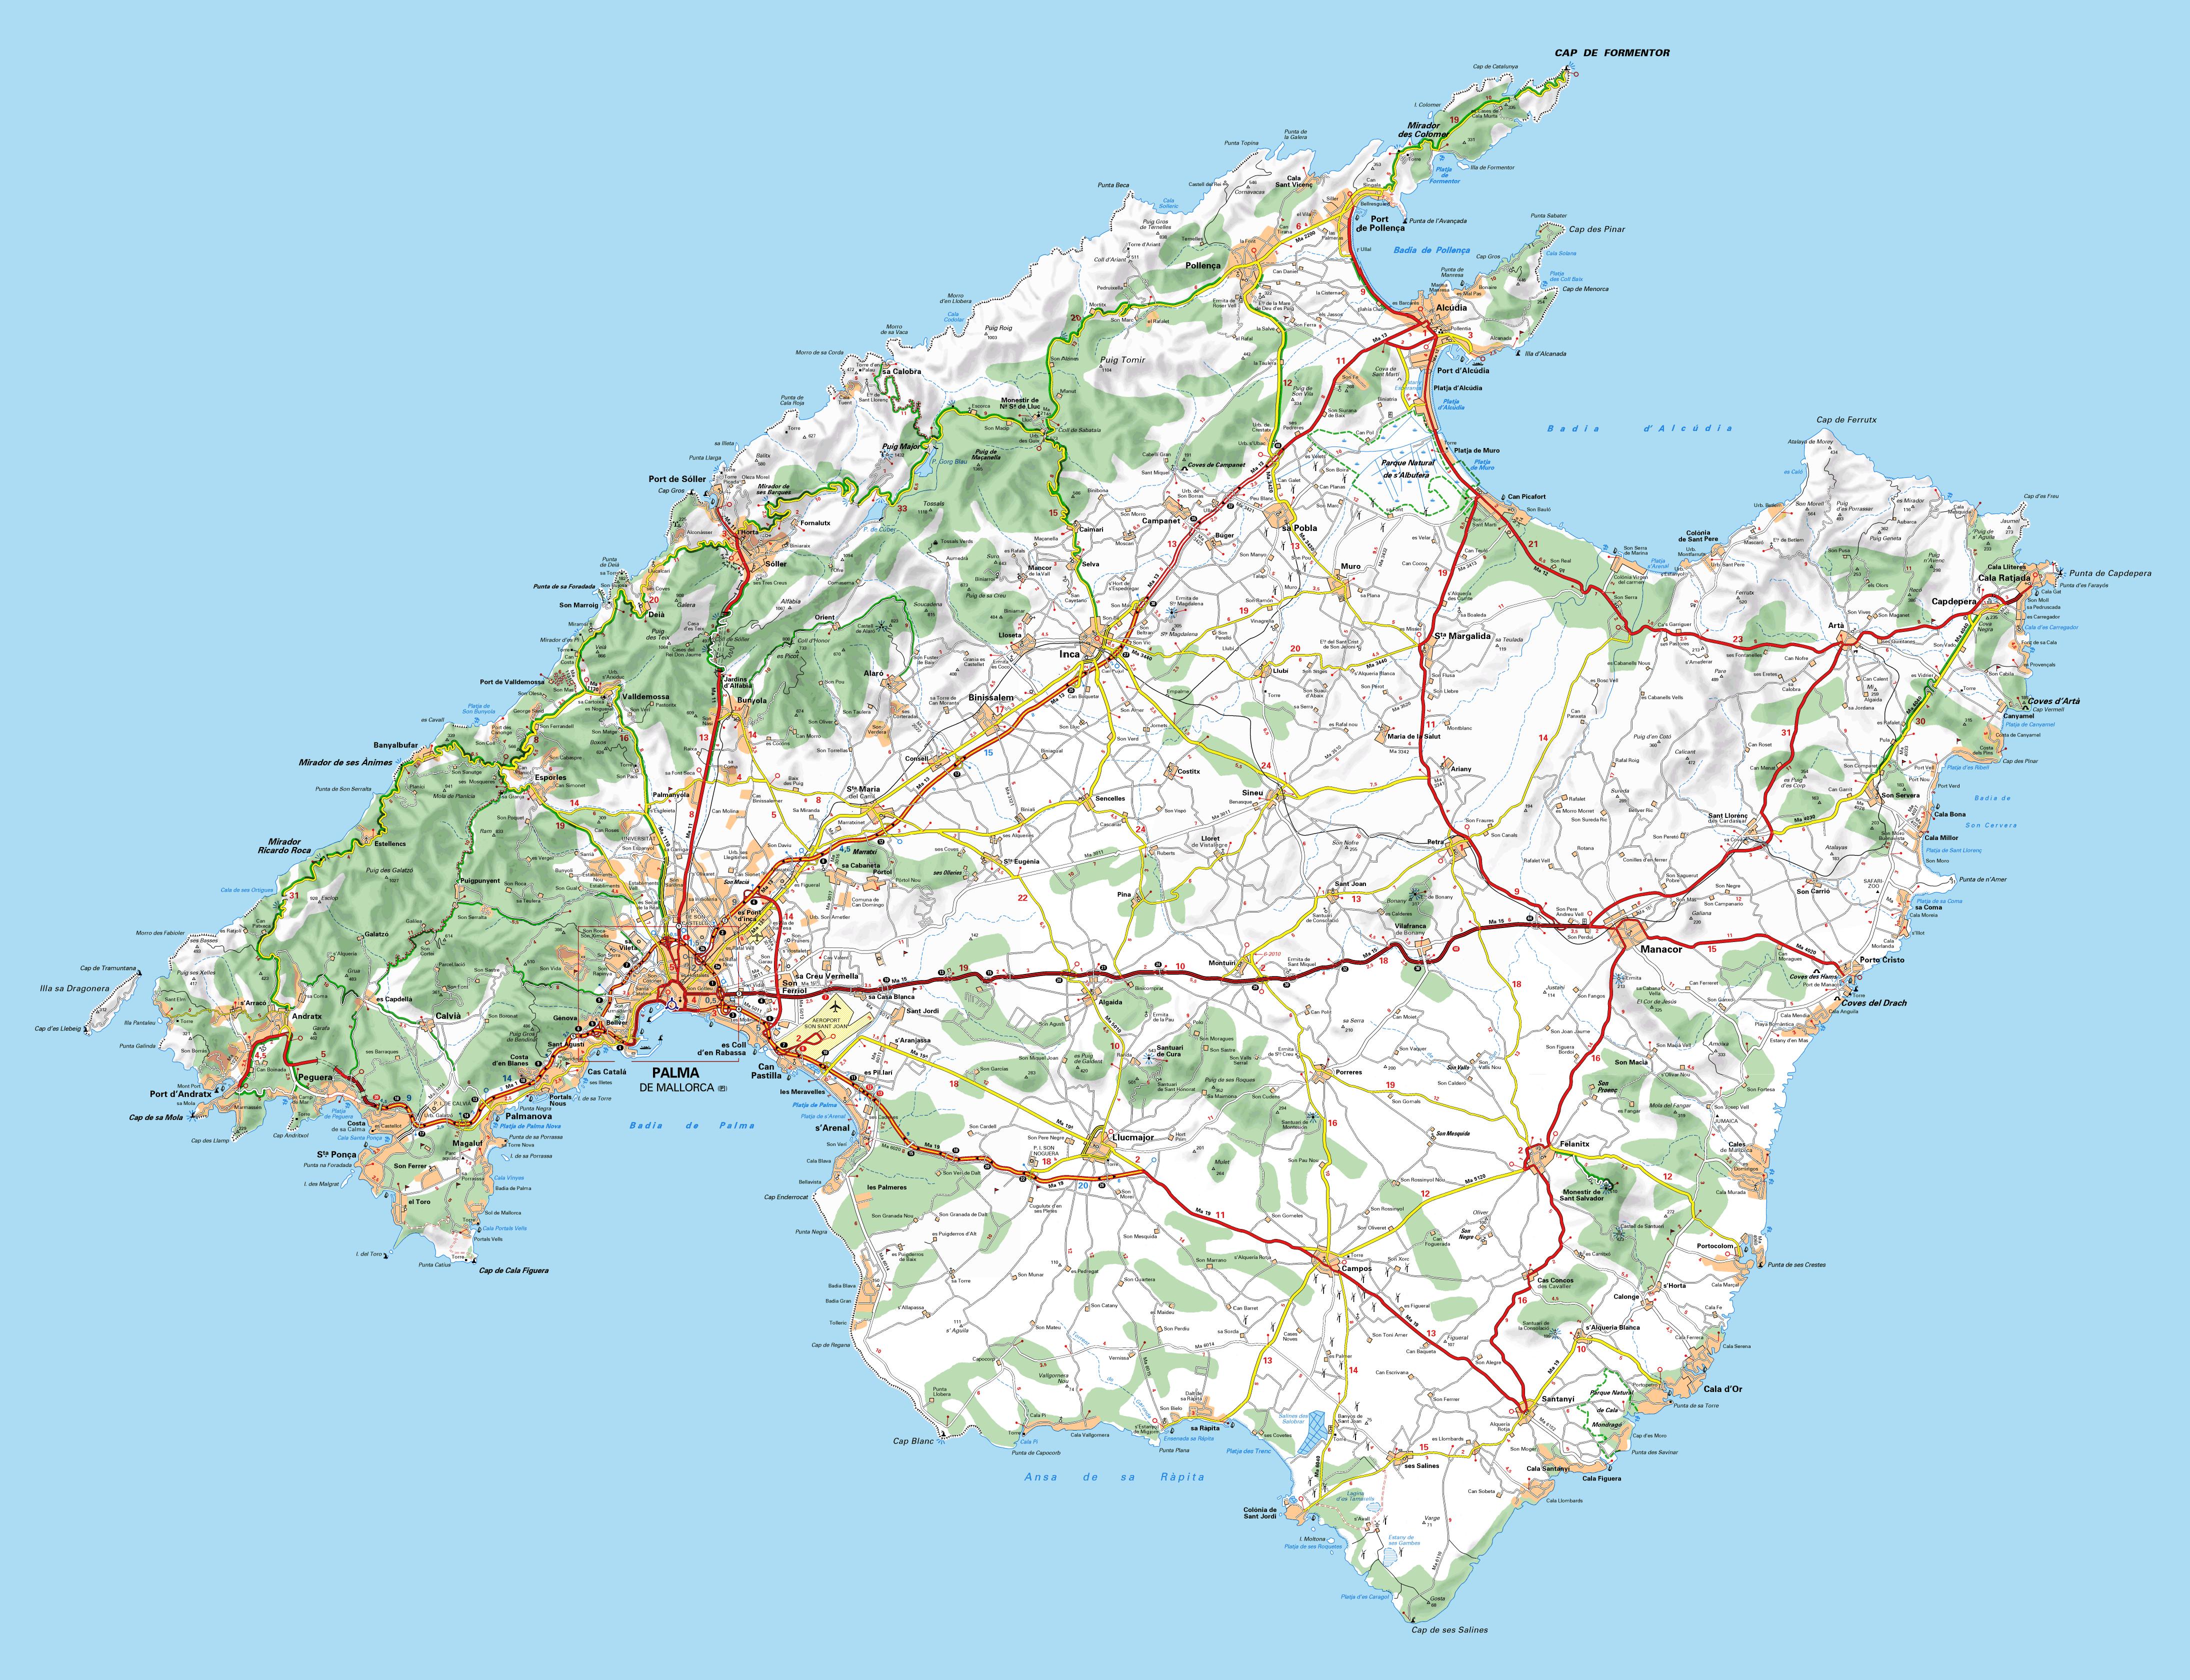 L'île de Majorque aux Baléares